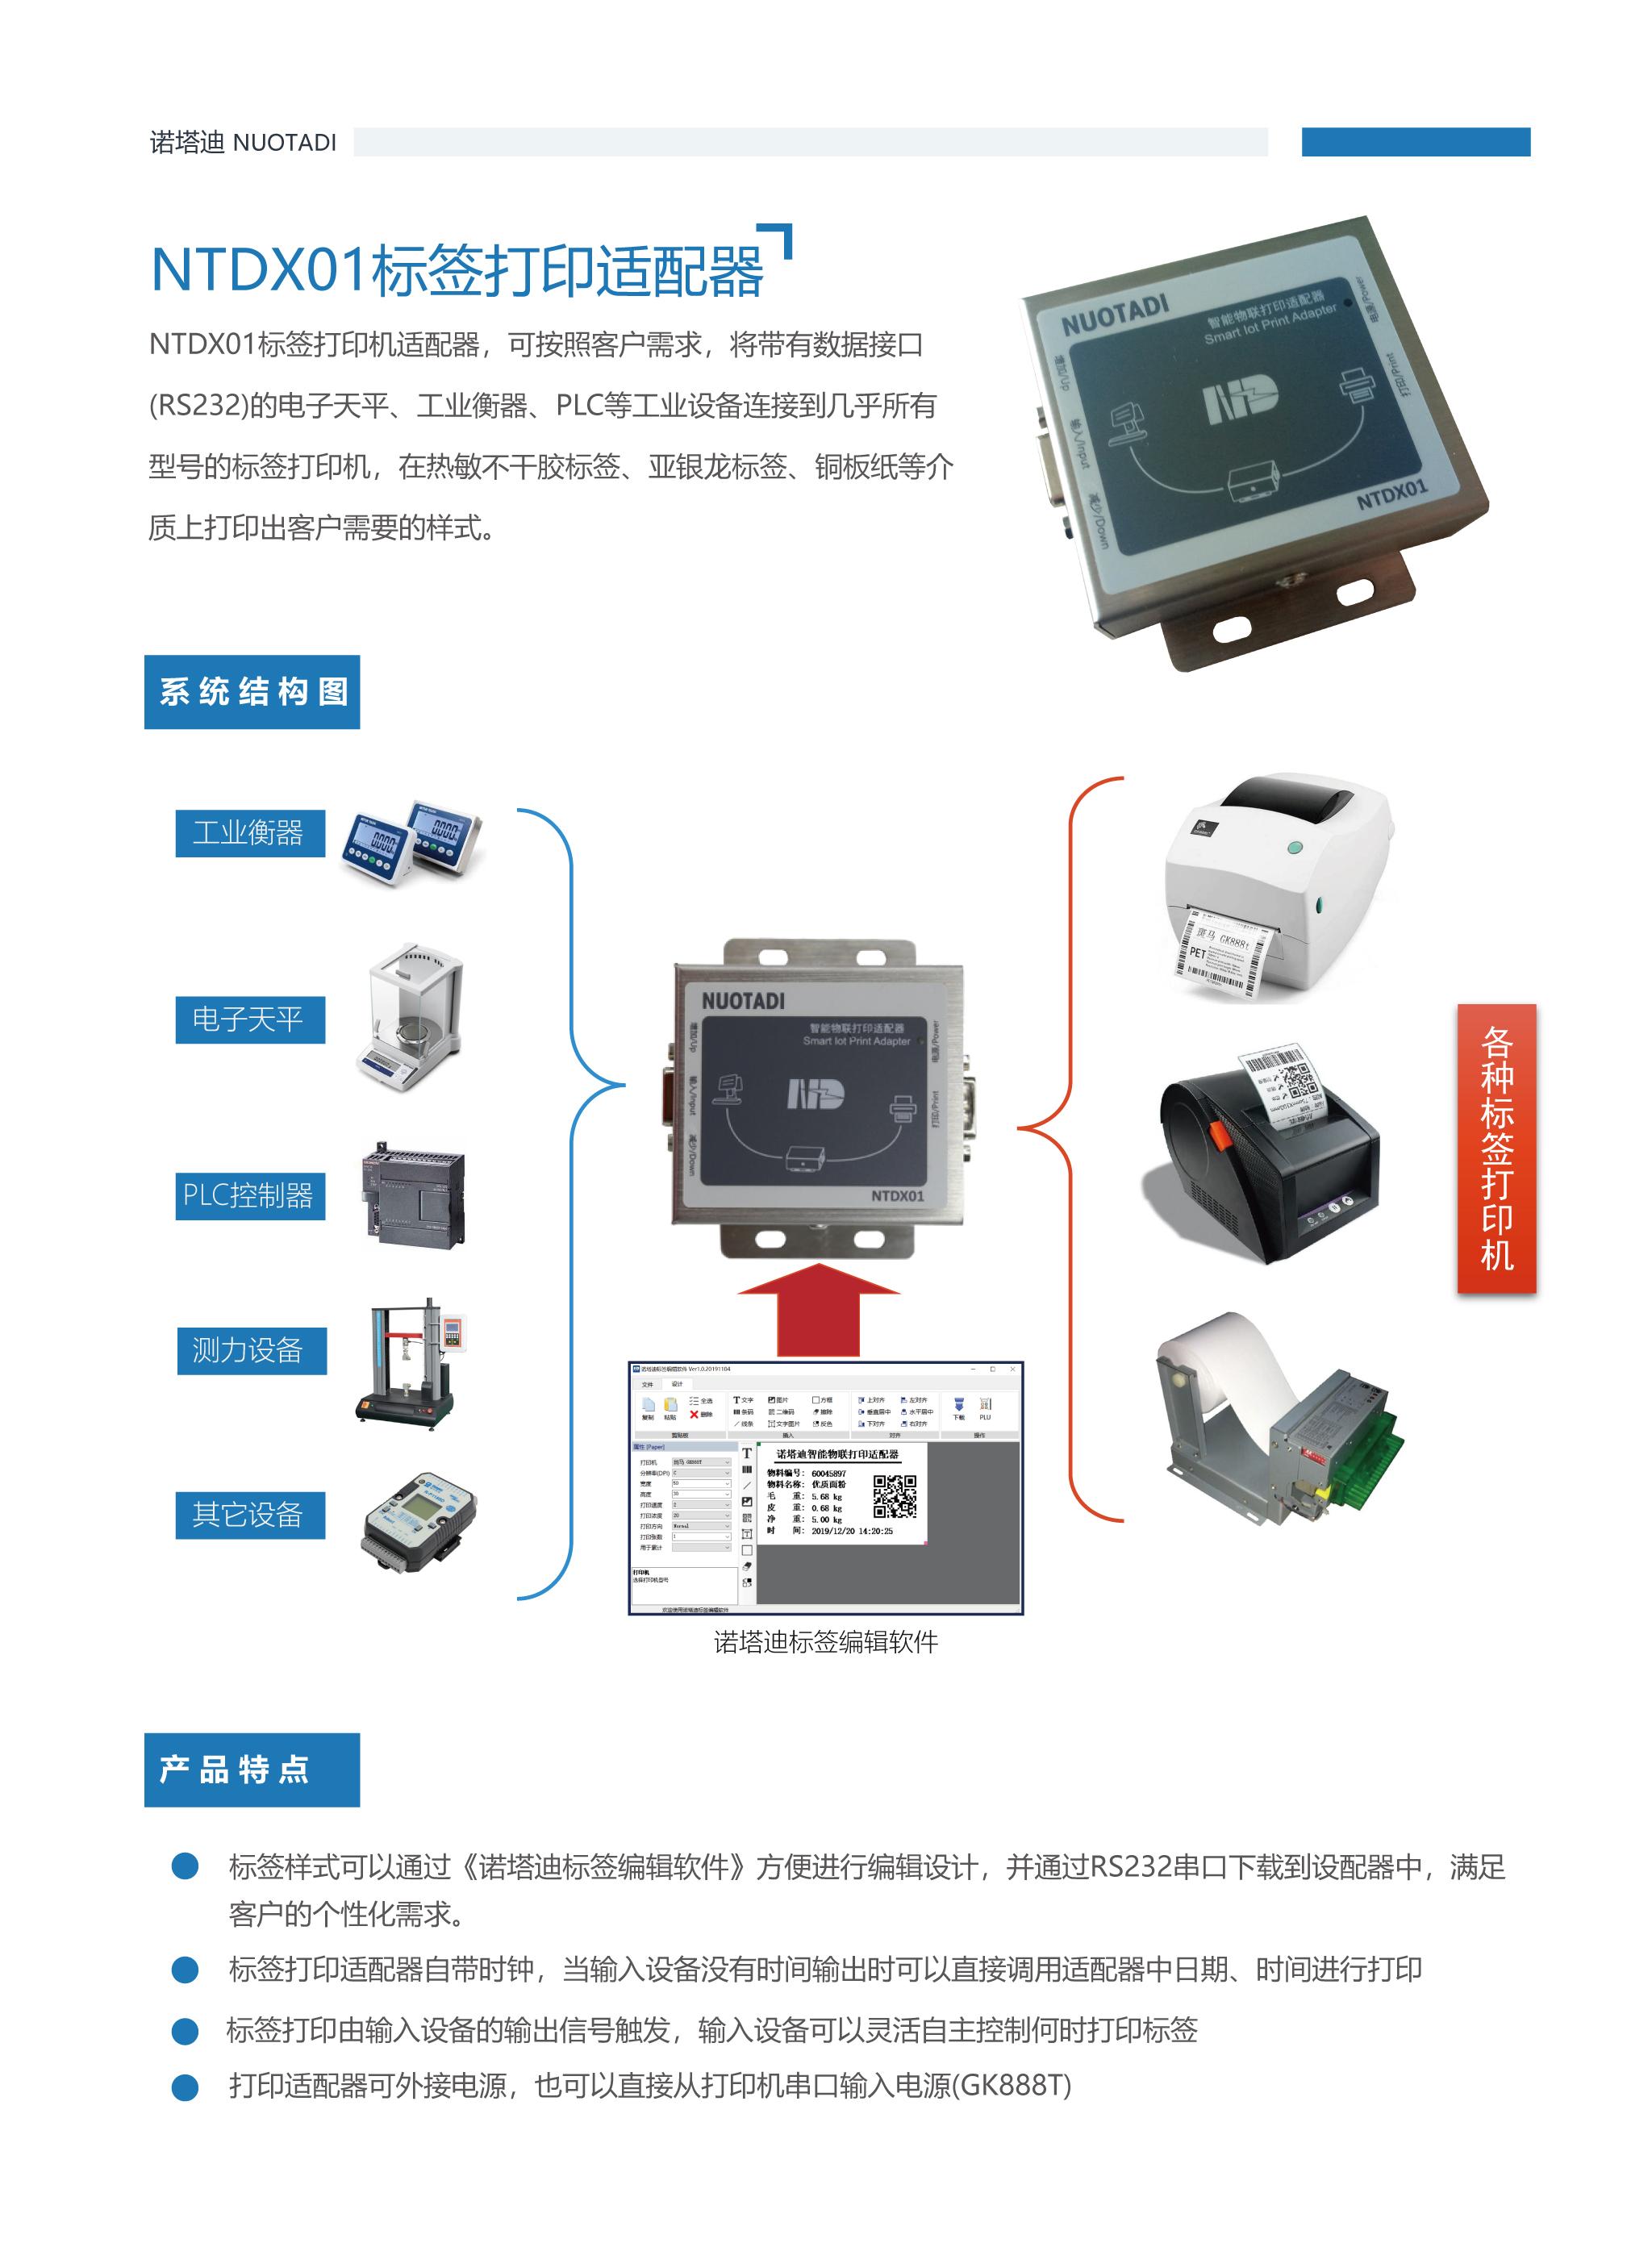 NTDX01产品说明_1.jpg